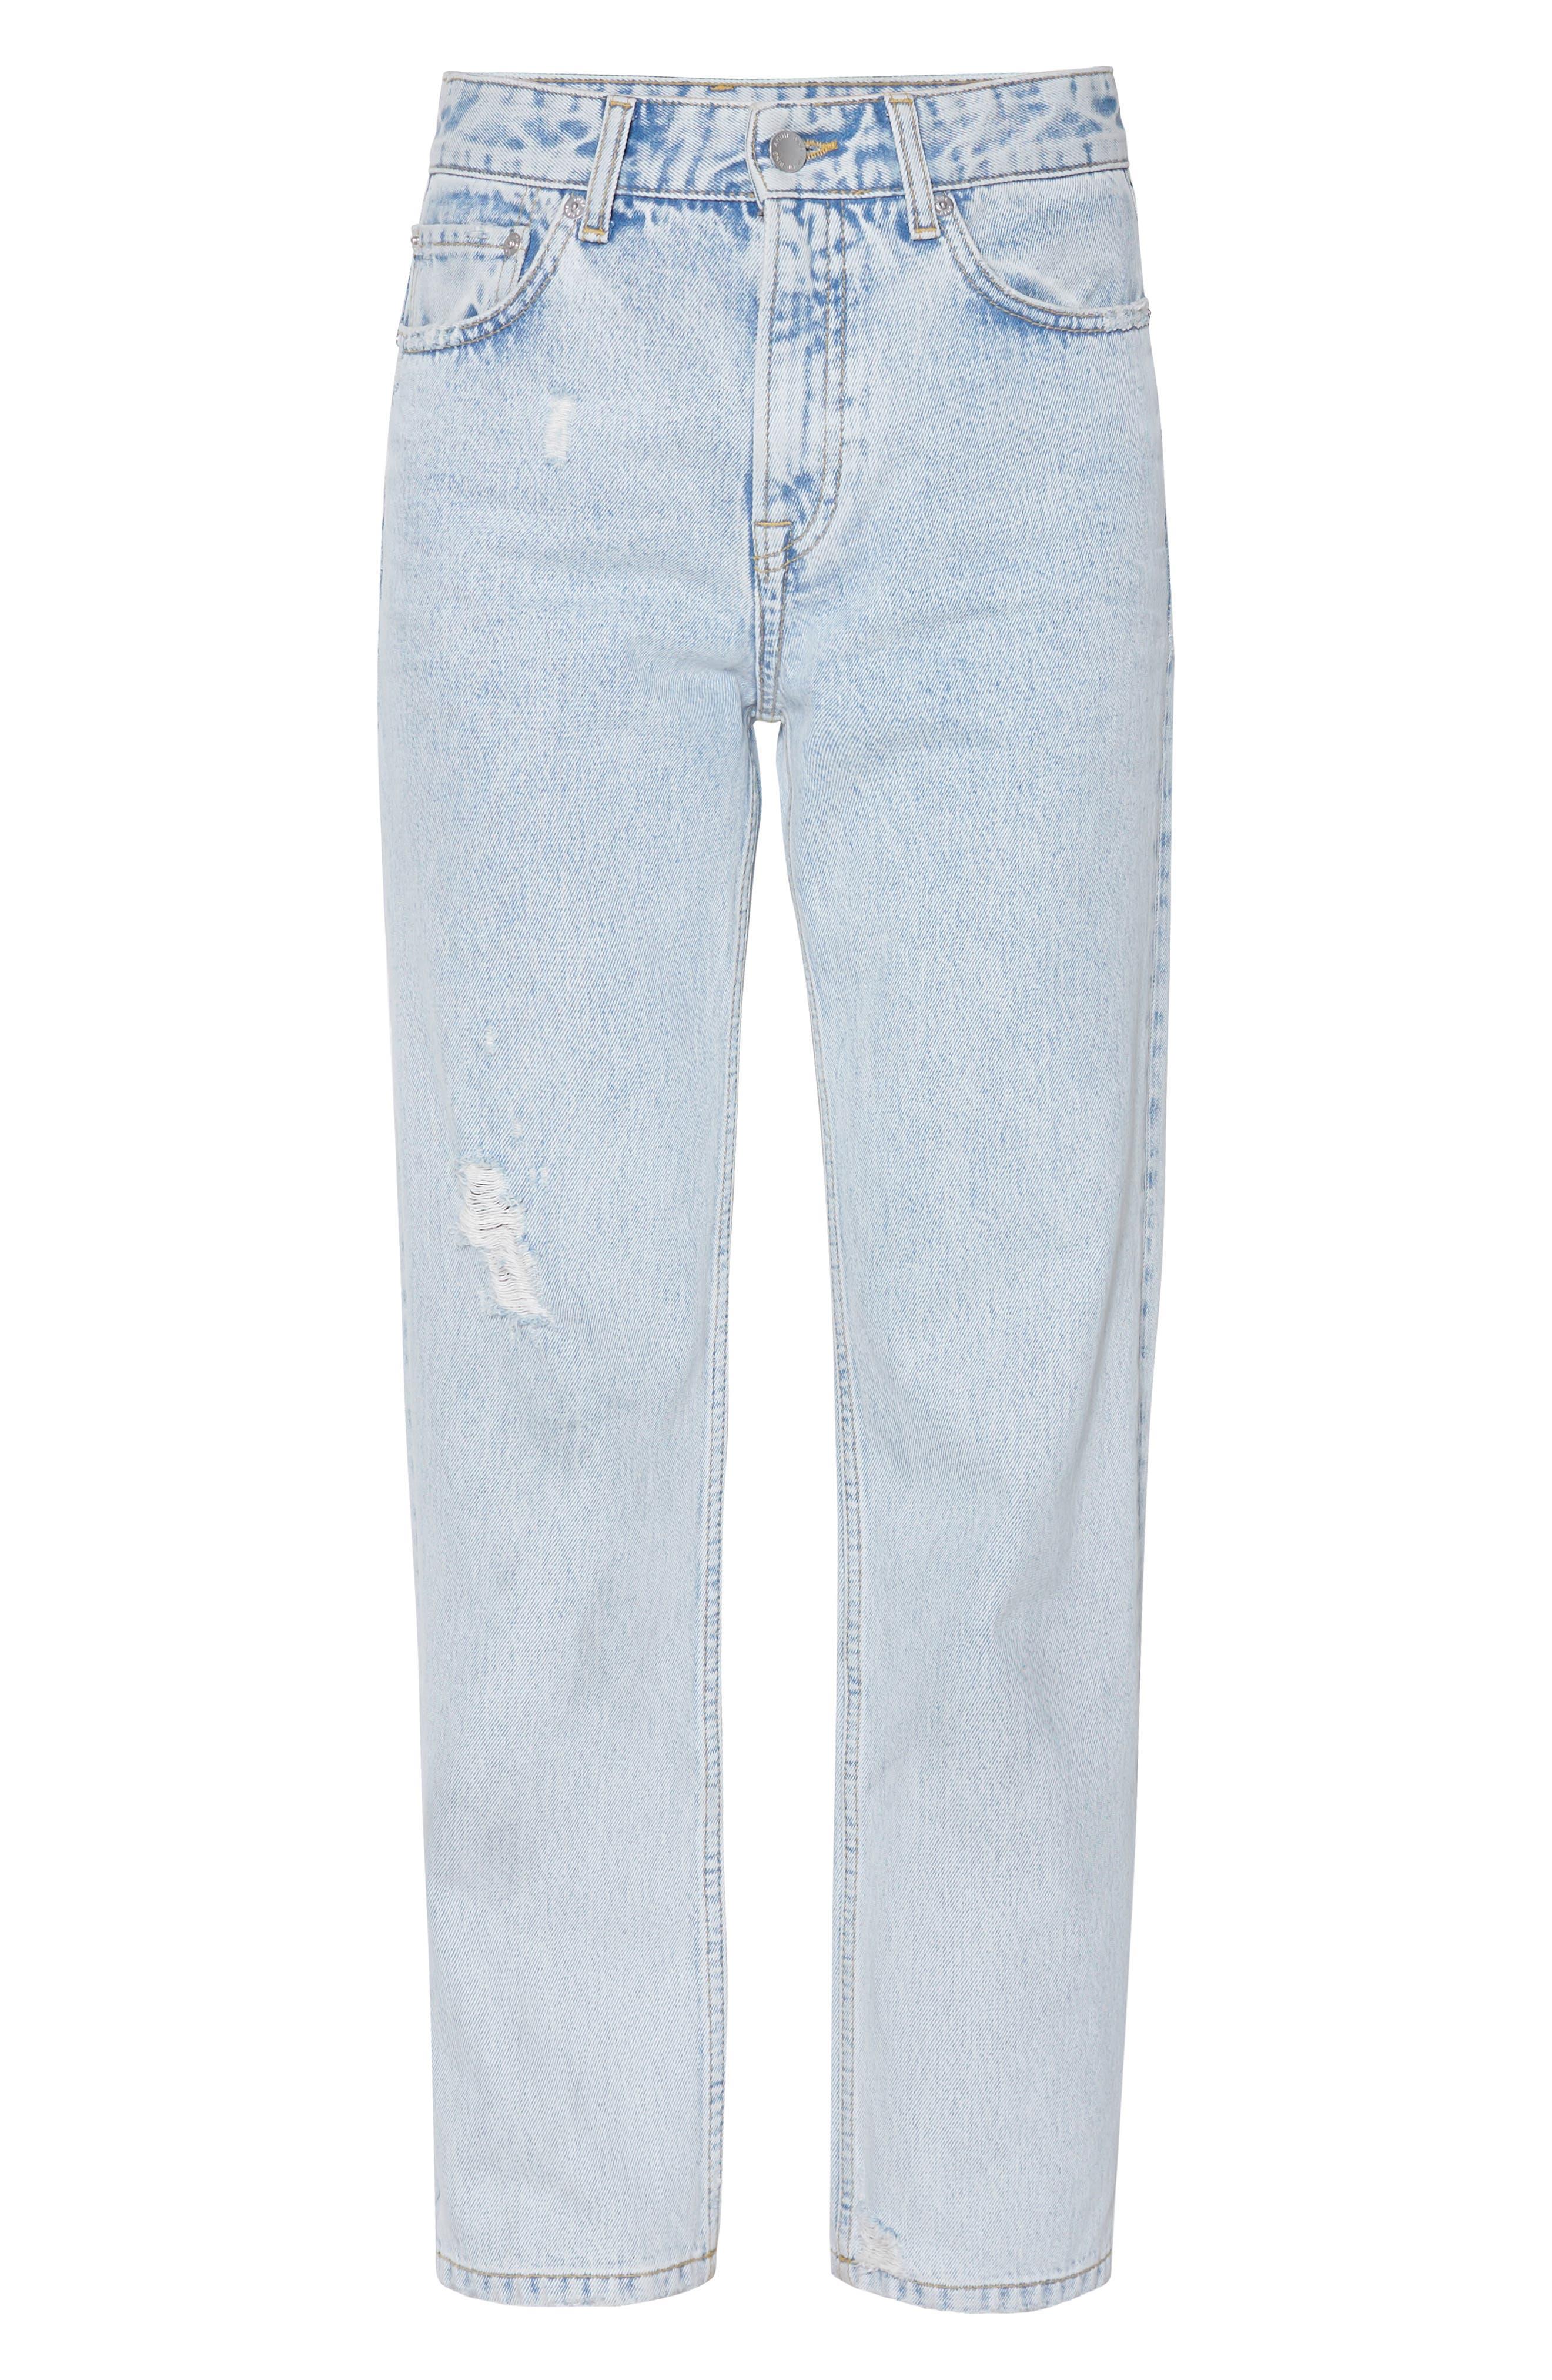 Etta Straight Leg Jeans,                             Alternate thumbnail 4, color,                             LIGHT BLUE